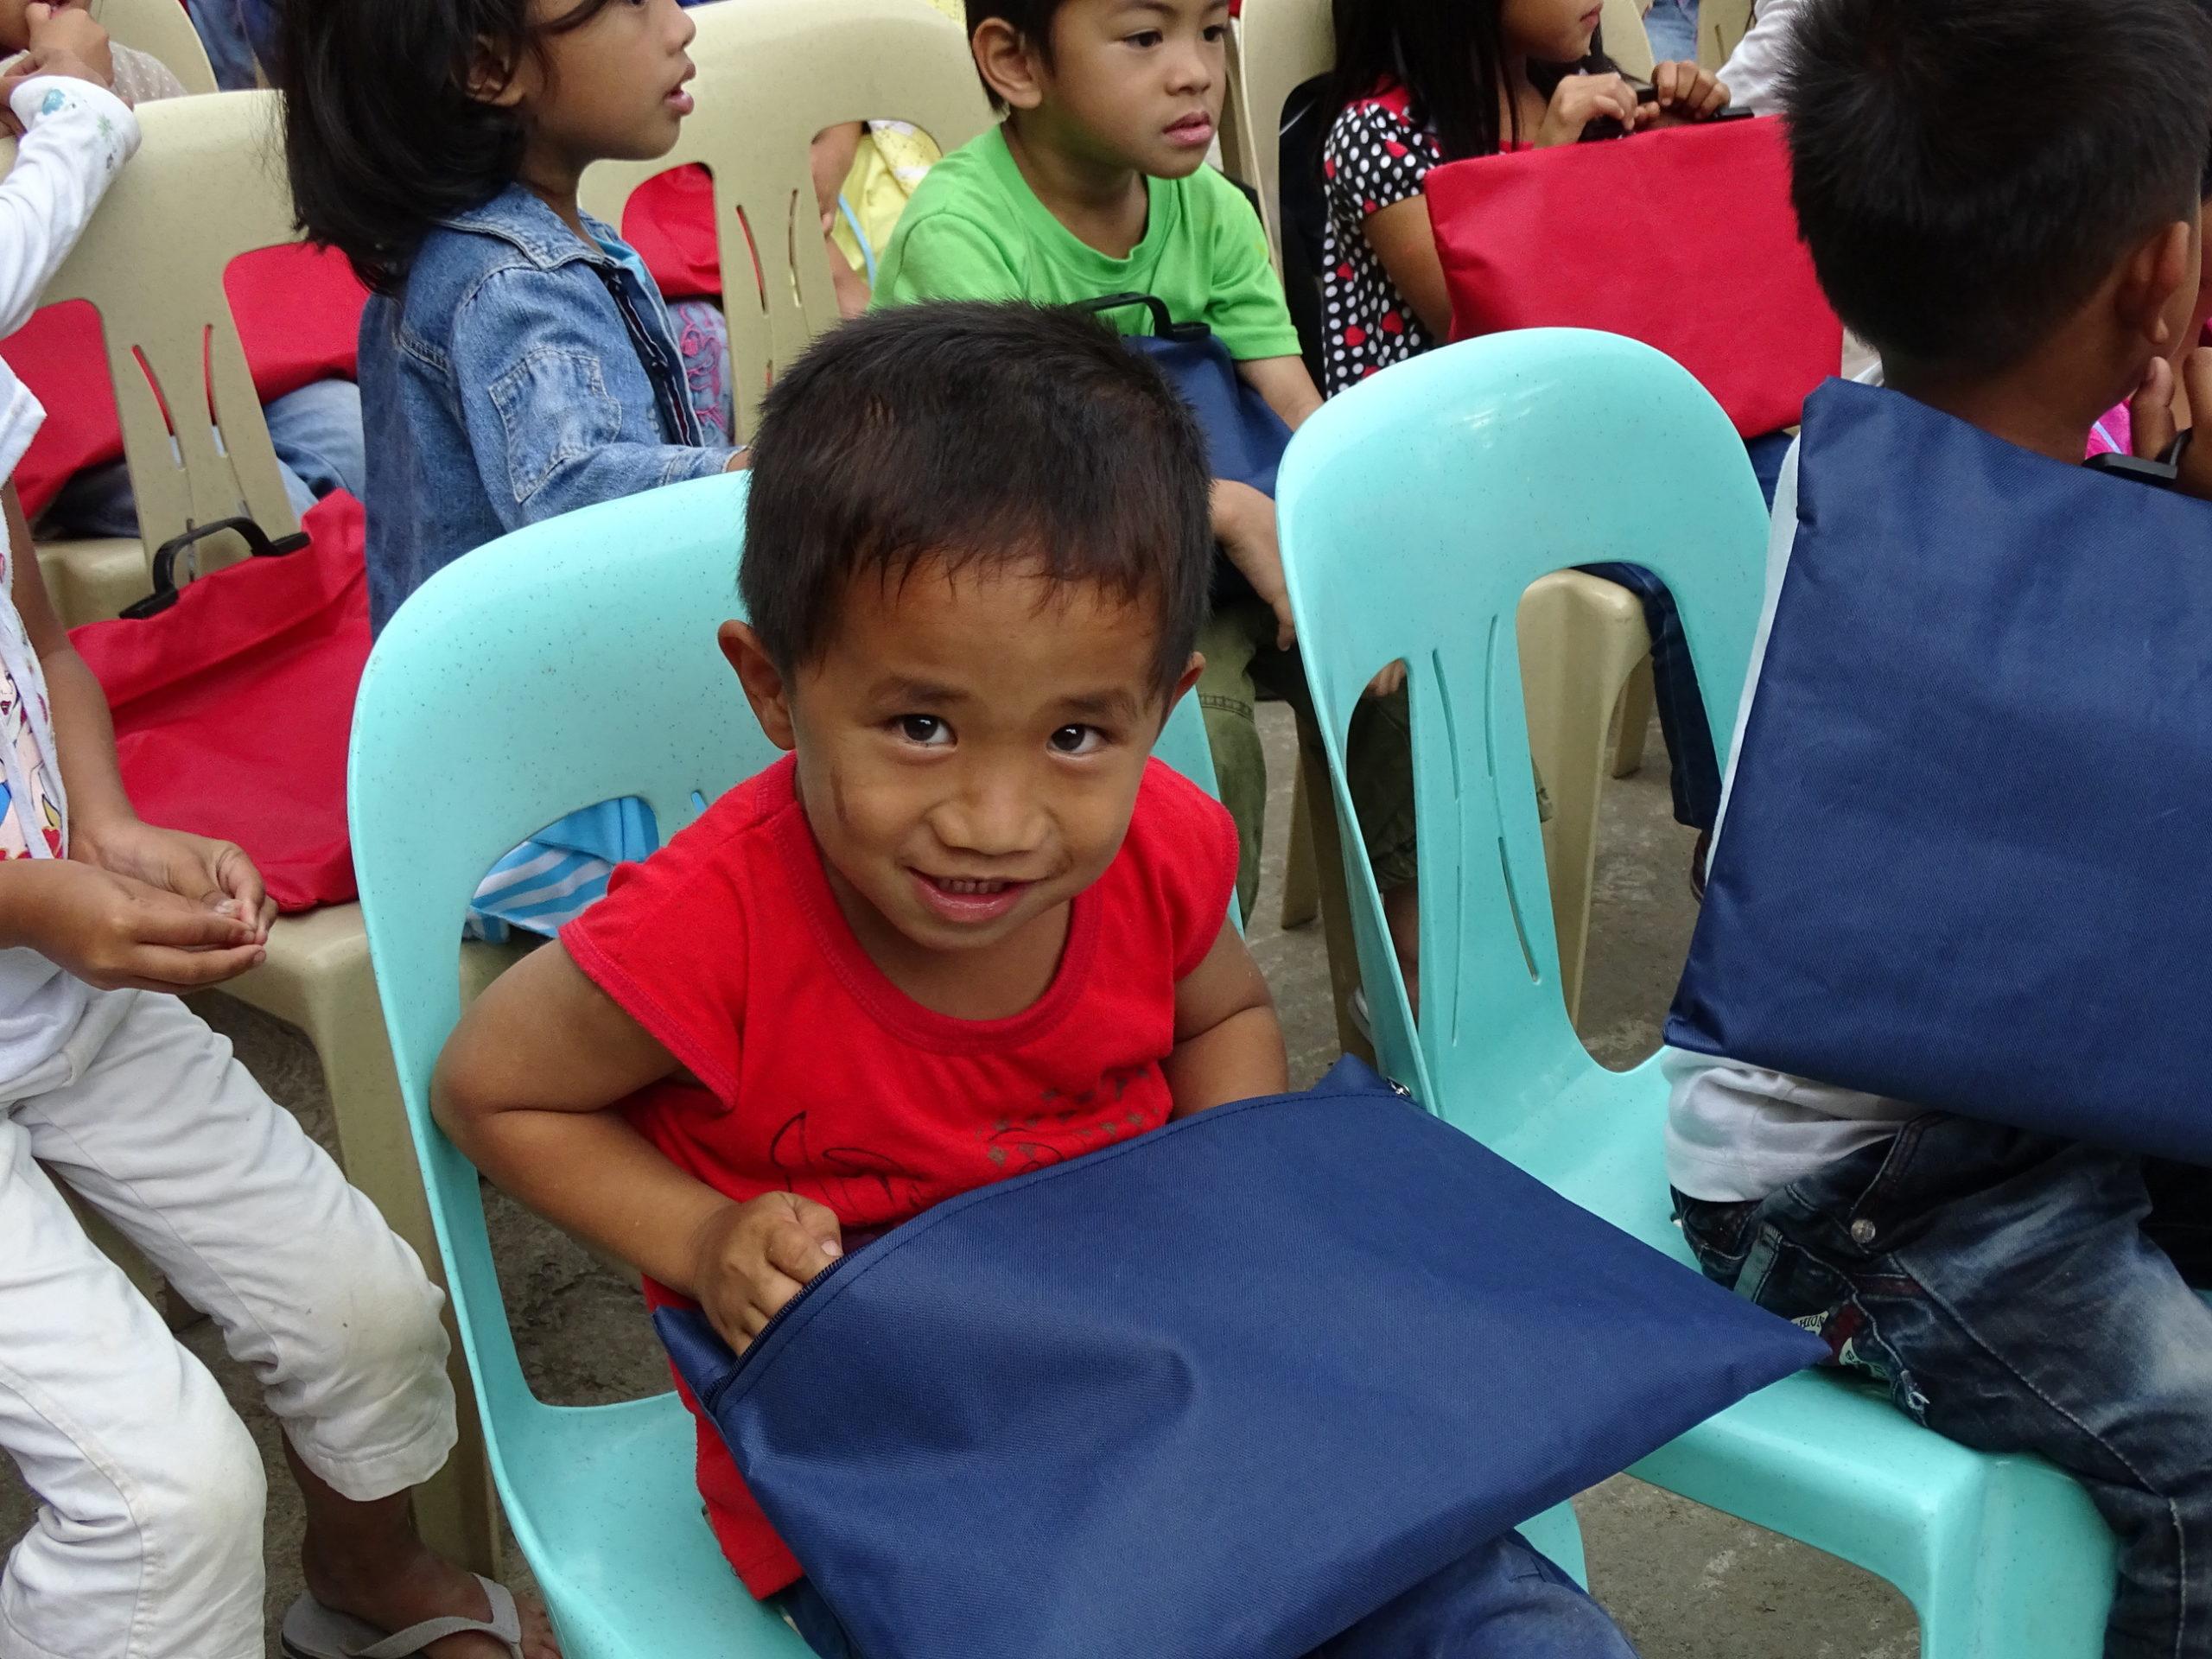 Share-a-Joy Outreach Program